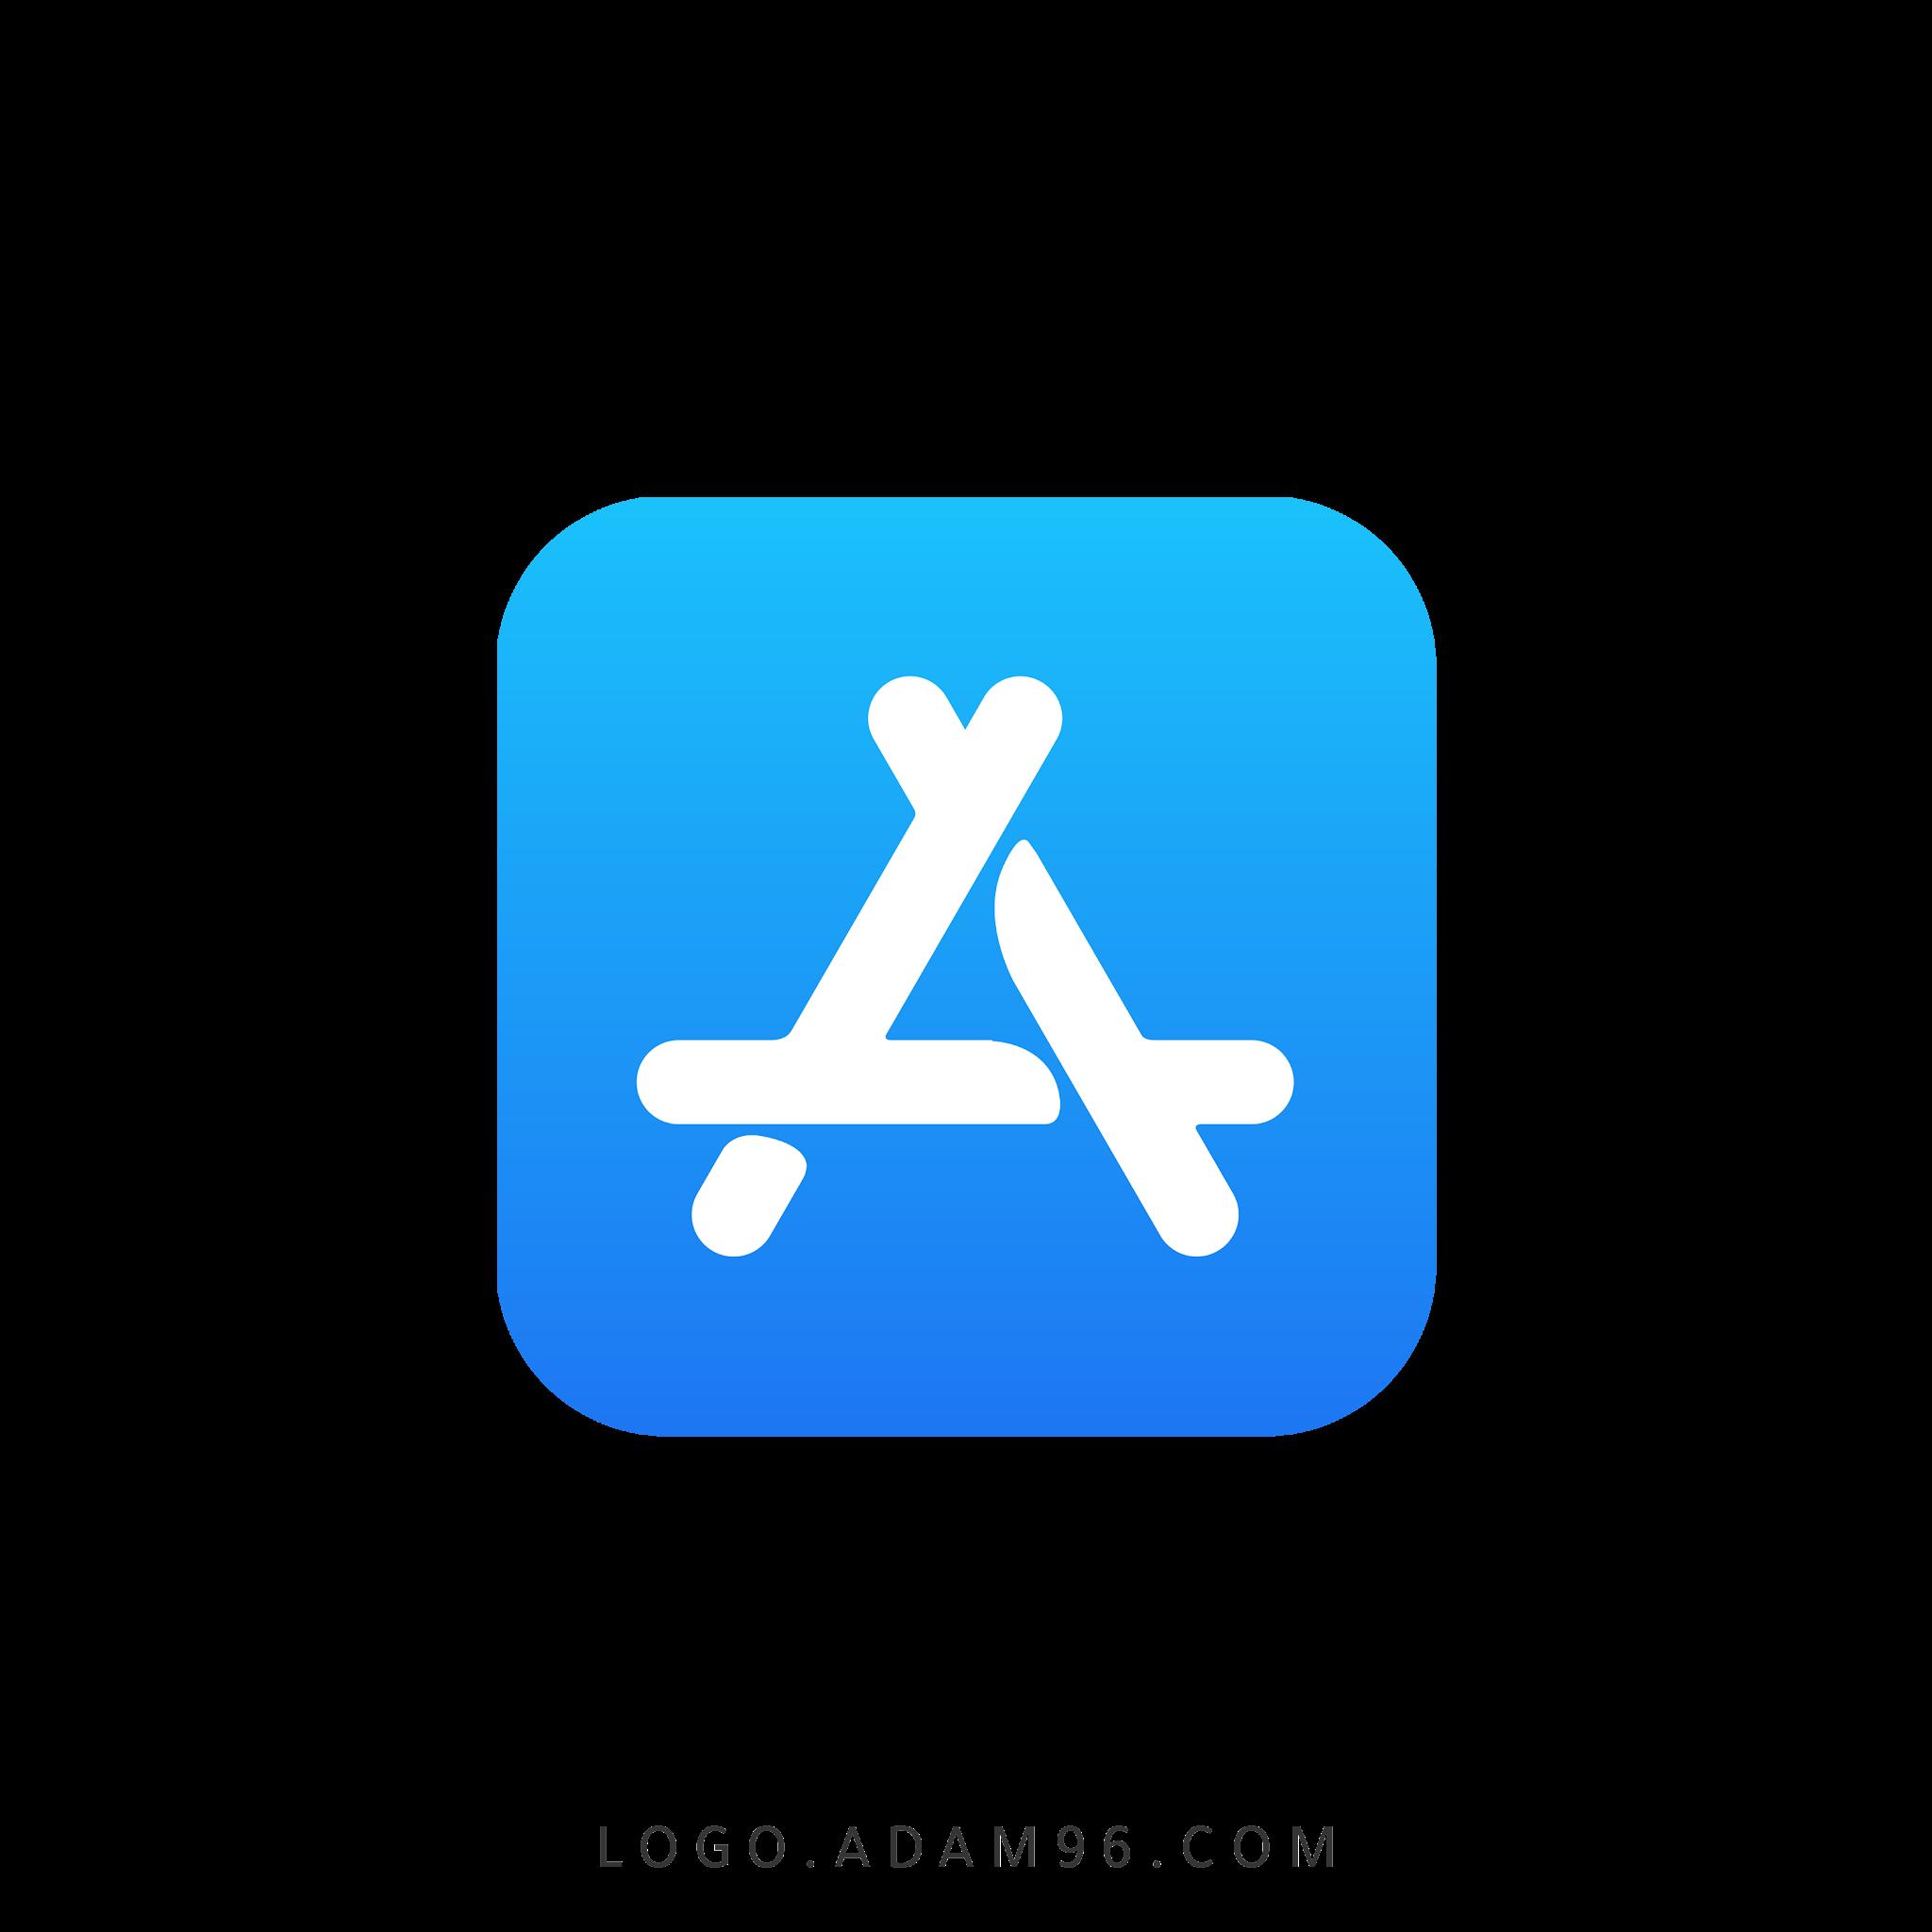 تحميل ايقونة آب ستور | Icon App Store